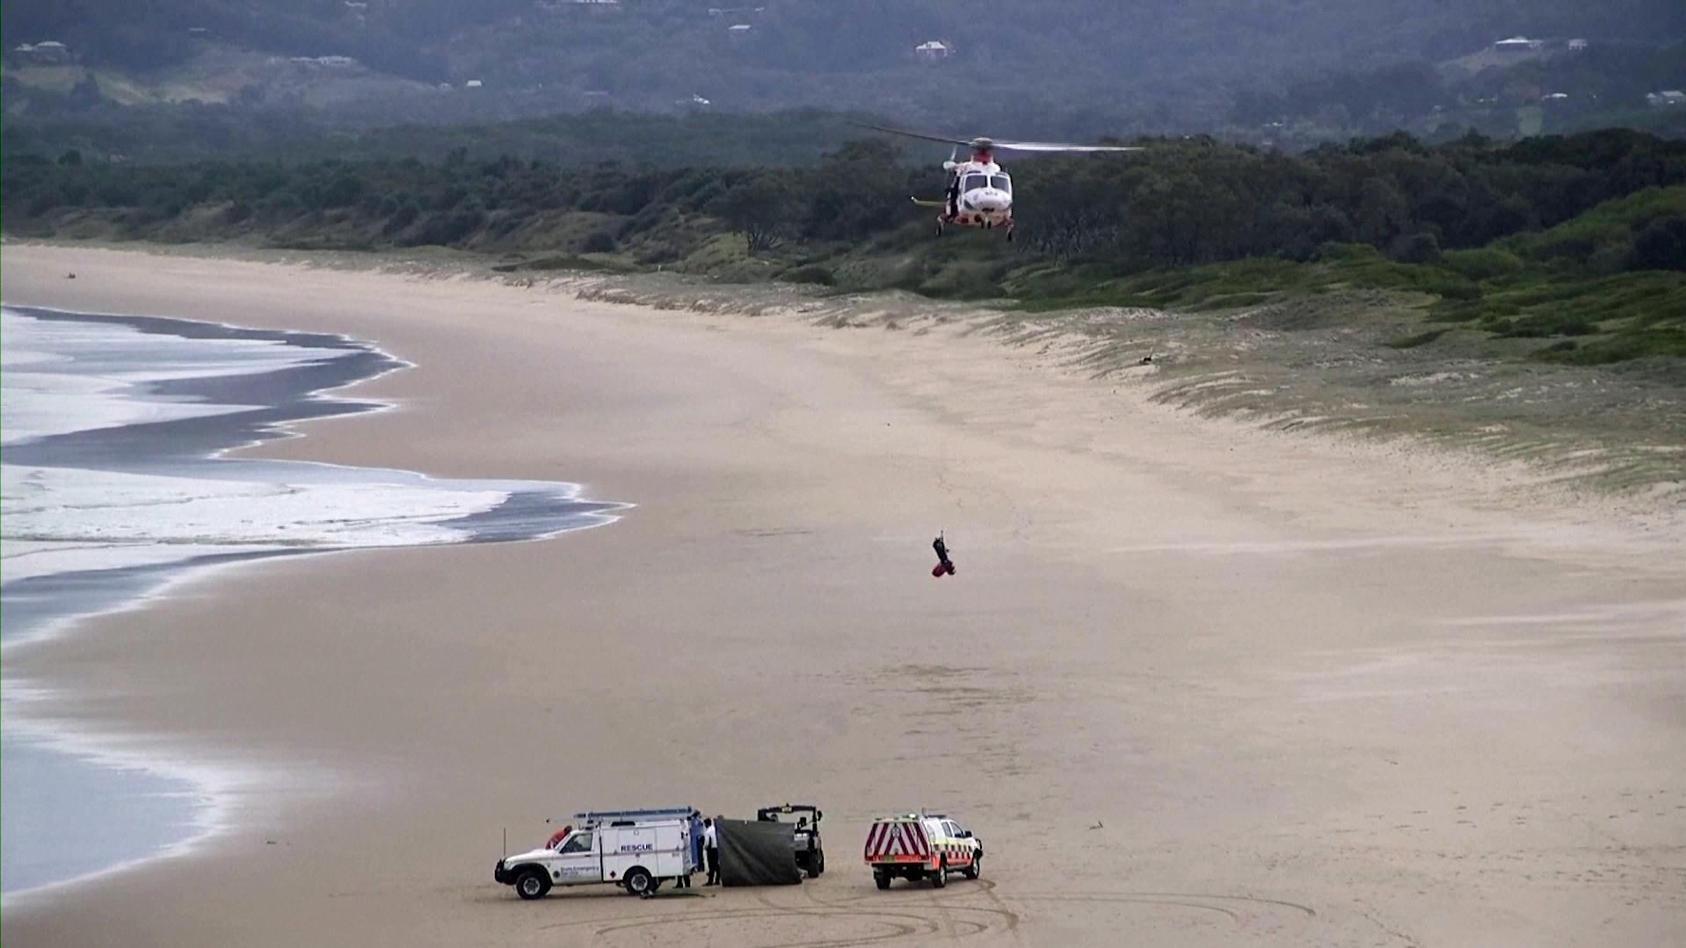 Die die herbeigerufenen Sanitäter konnten den Surfer nicht mehr wiederbeleben. (Foto: Reuters)